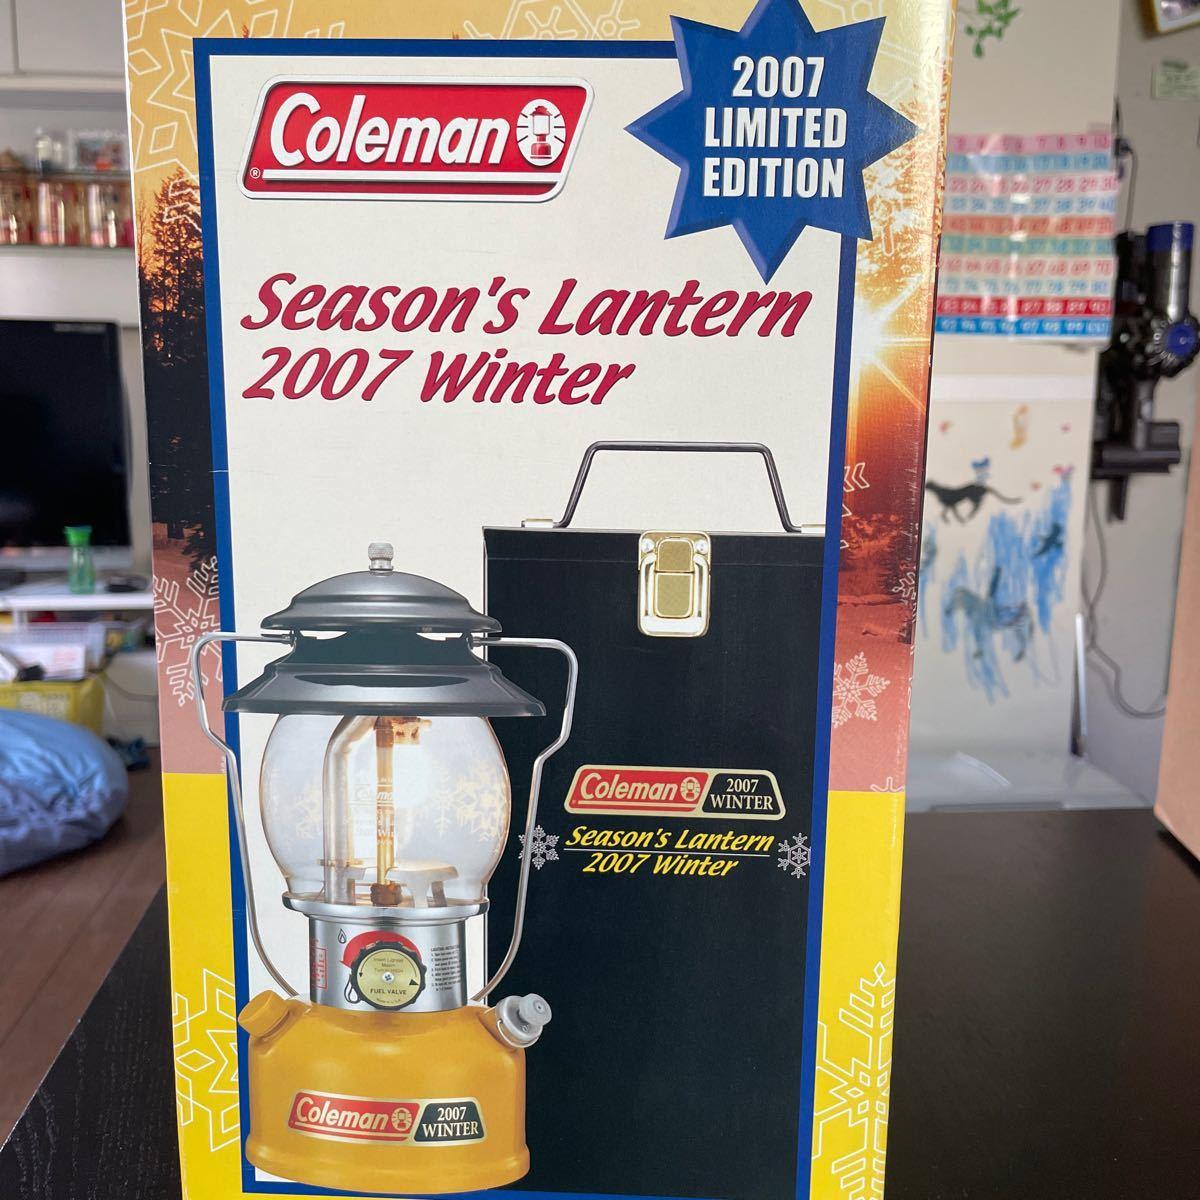 コールマン シーズンズランタン2007  WINTER リミテッドエディション